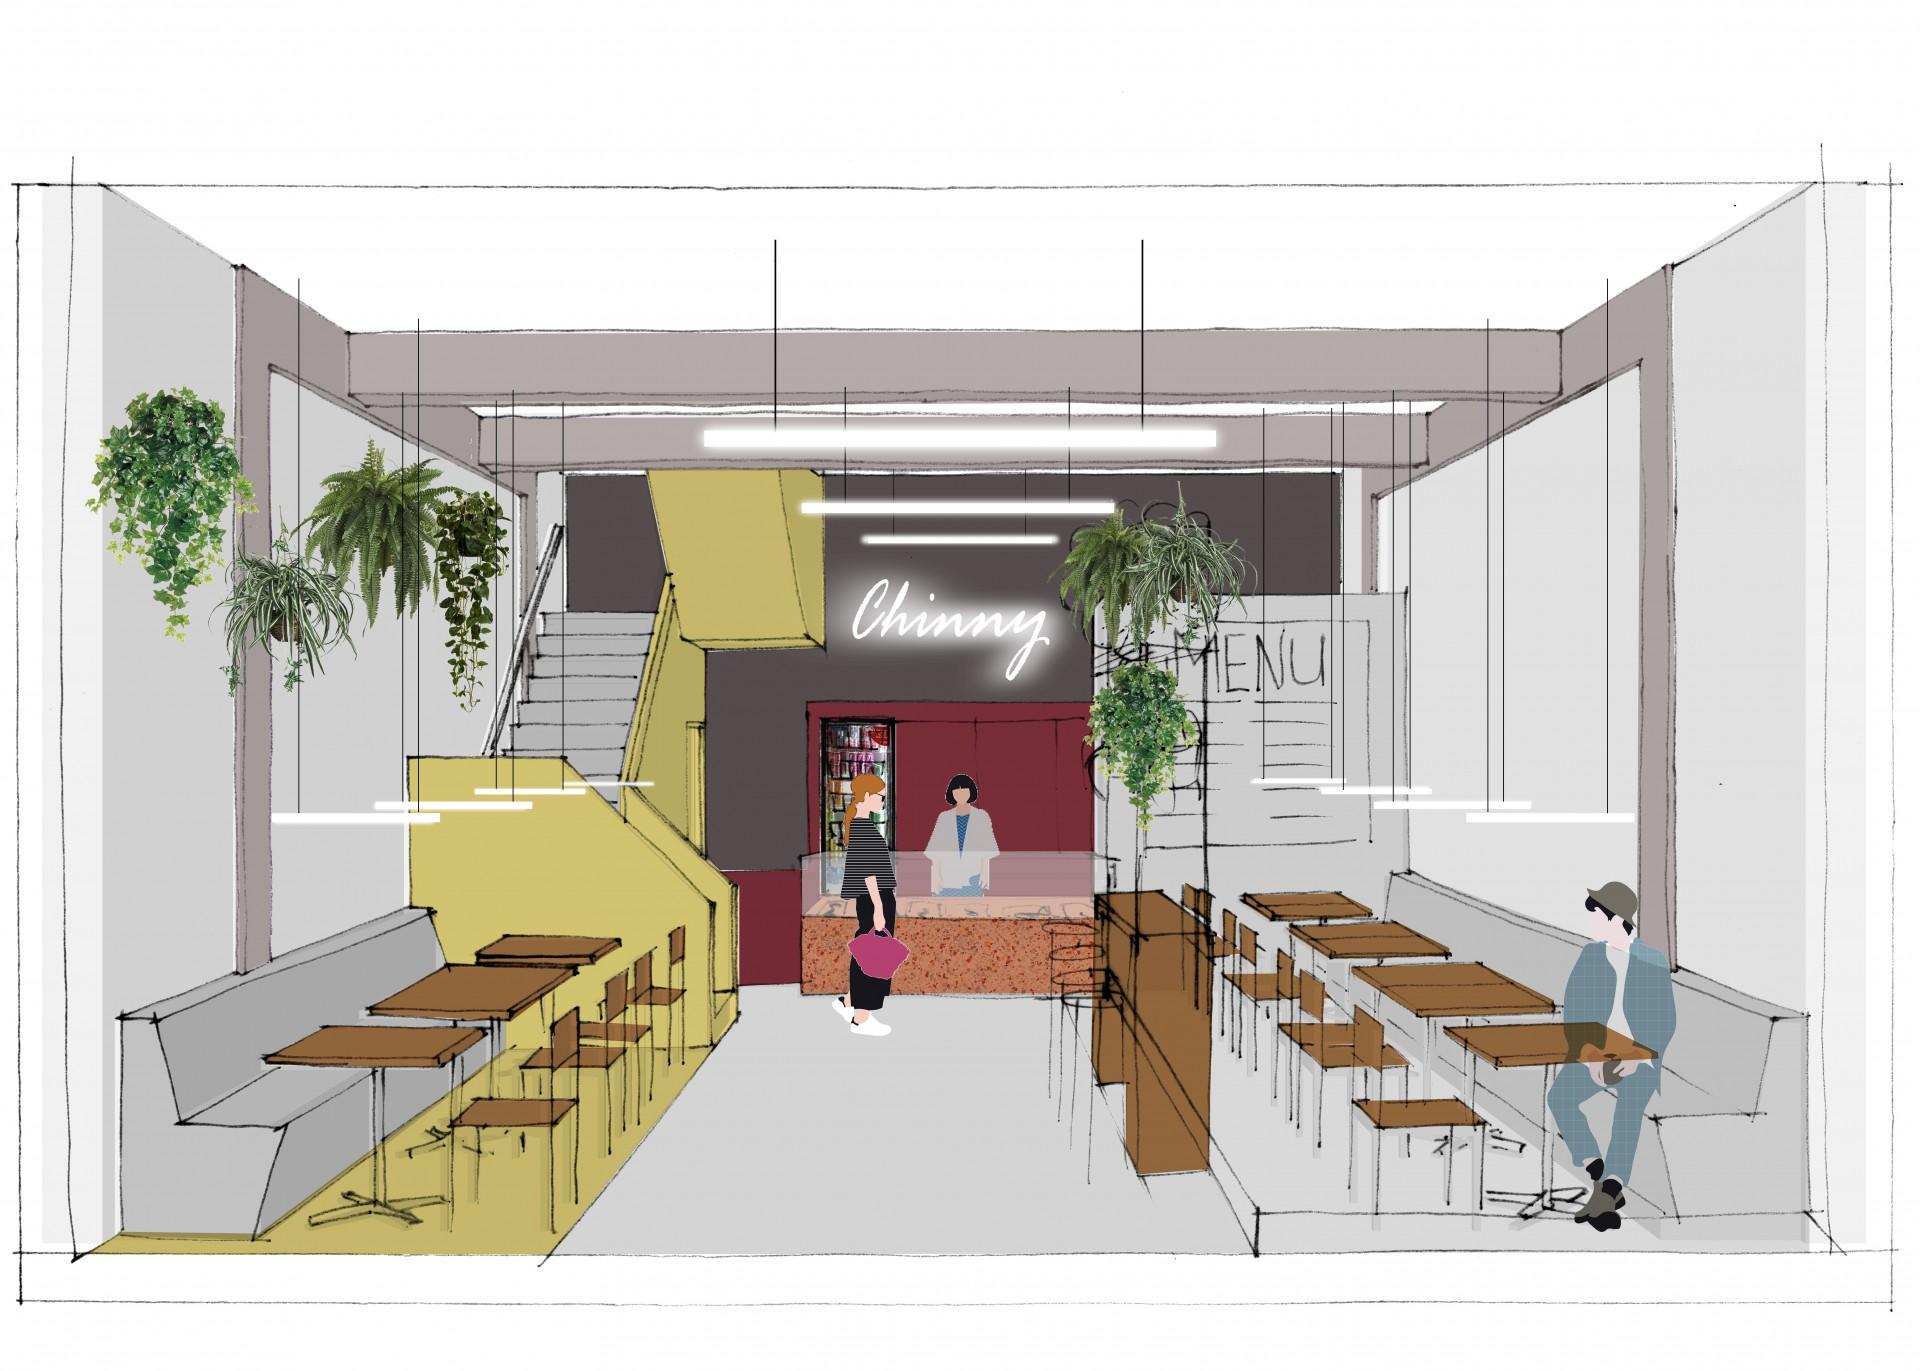 LAGADO-architects-Chinny-restaurant-interior-lijnbaan-rotterdam-3